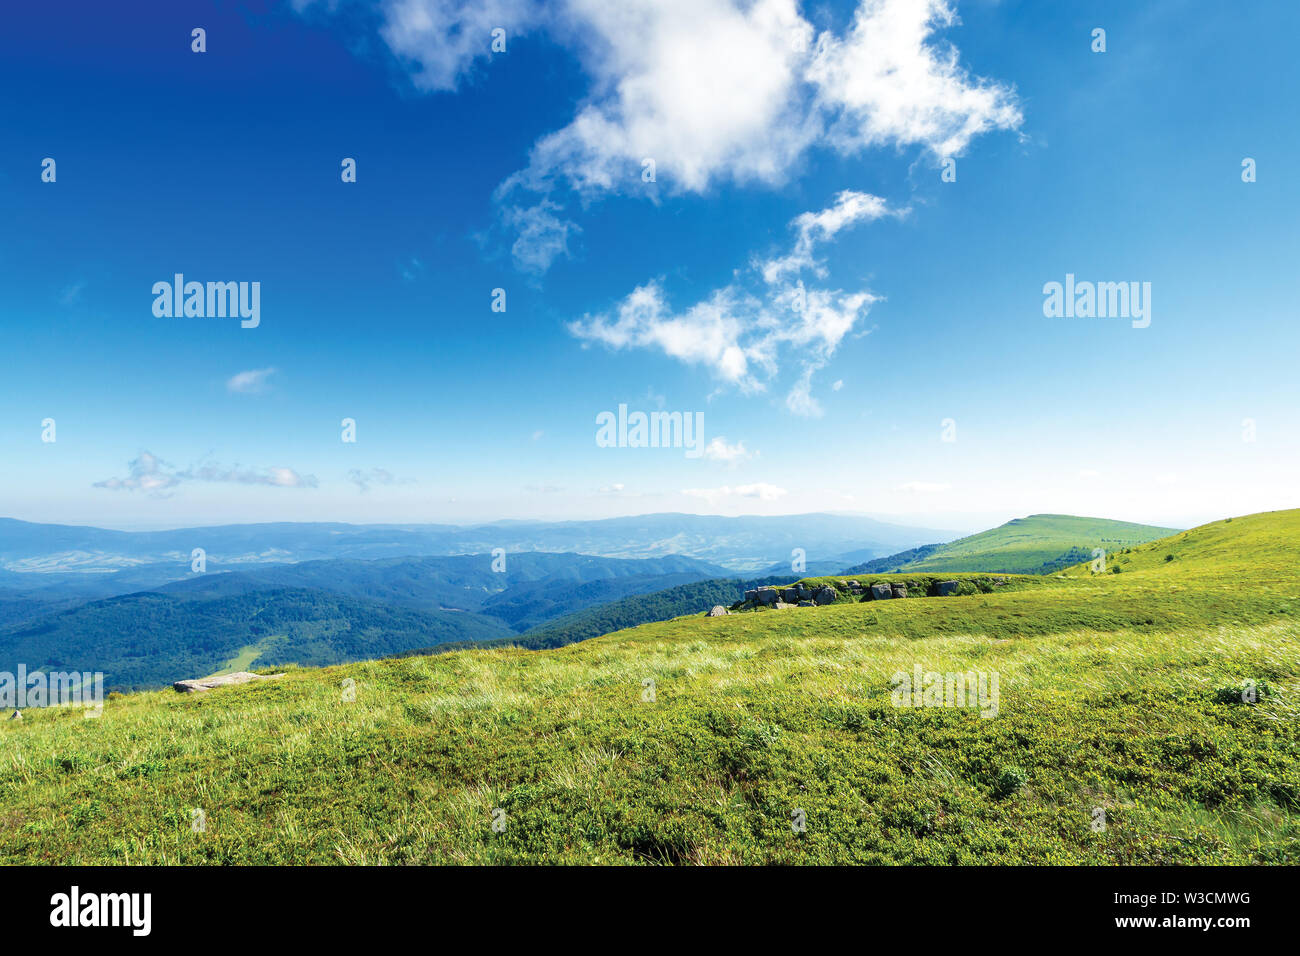 Schönen Sommer Landschaft in den Bergen., grünen Wiesen, Felsen und Gipfel in der Ferne. interessante Wolkenbildung auf der blauen Himmel. ridge in der d Stockbild